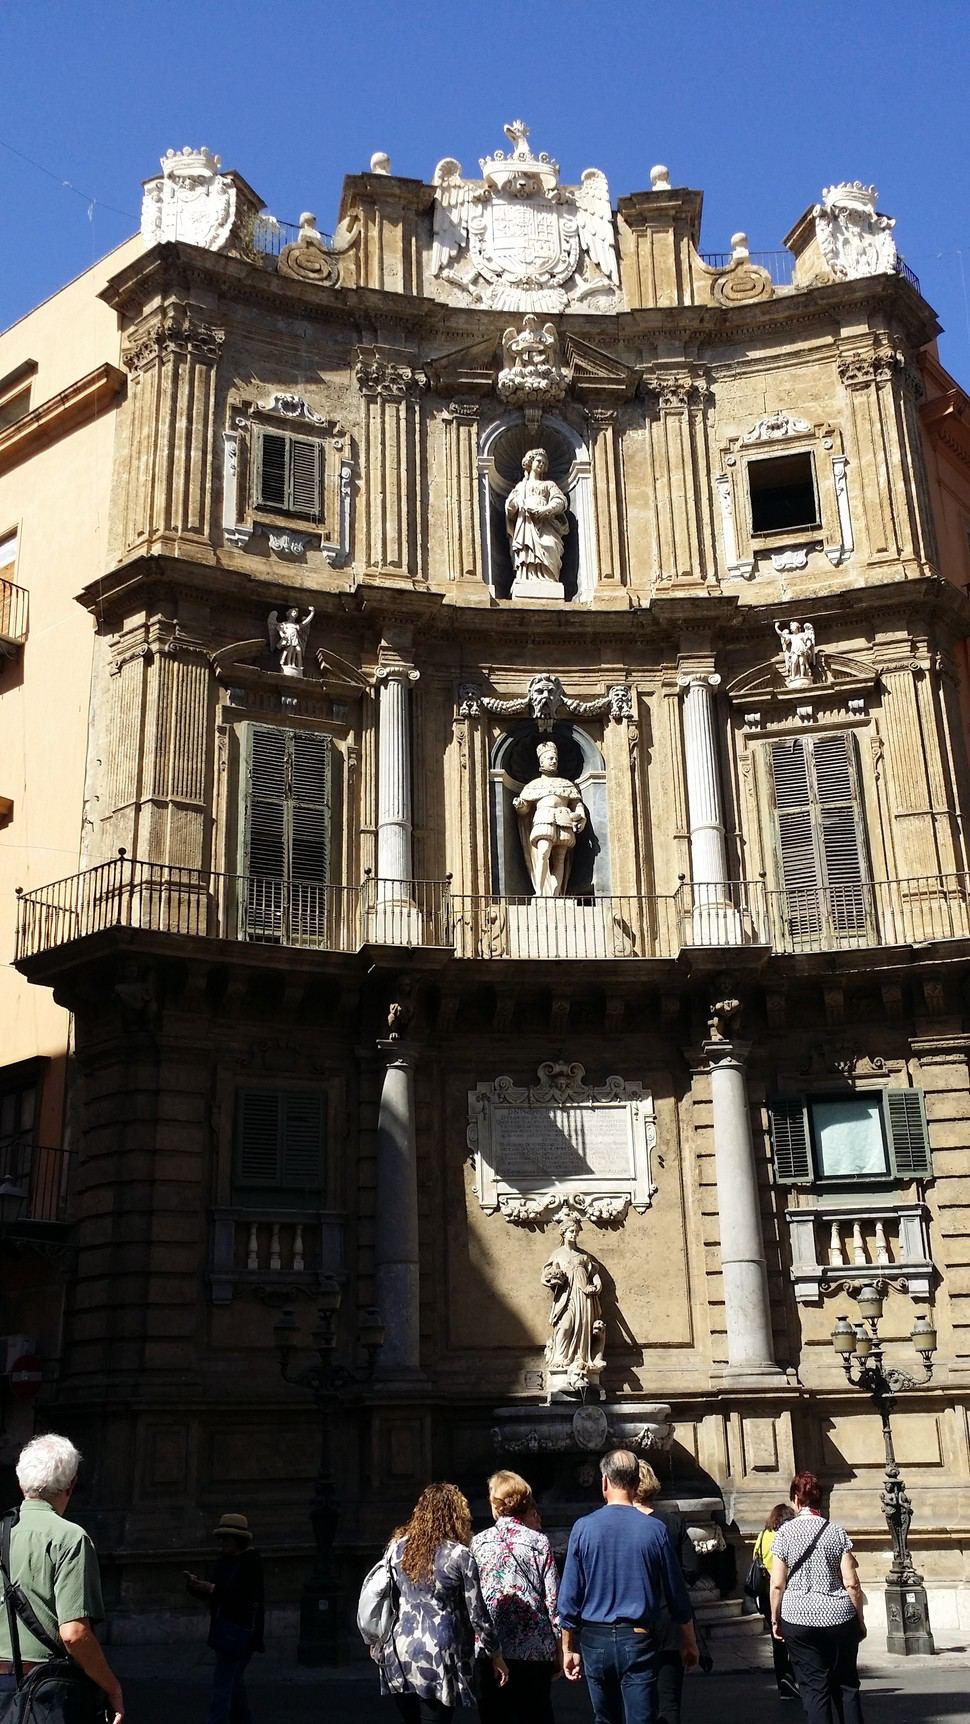 시칠리아 팔레르모의 콰트로 칸디. 이탈리어로 네 개의 모서리라는 의미다. 팔레르모 중심 사거리의 건물 모서리를 곡선 형태로 제작한 뒤 1층 계절의 여신을, 2층은 왕, 3층은 성녀의 조각상들을 만들어 넣었다.